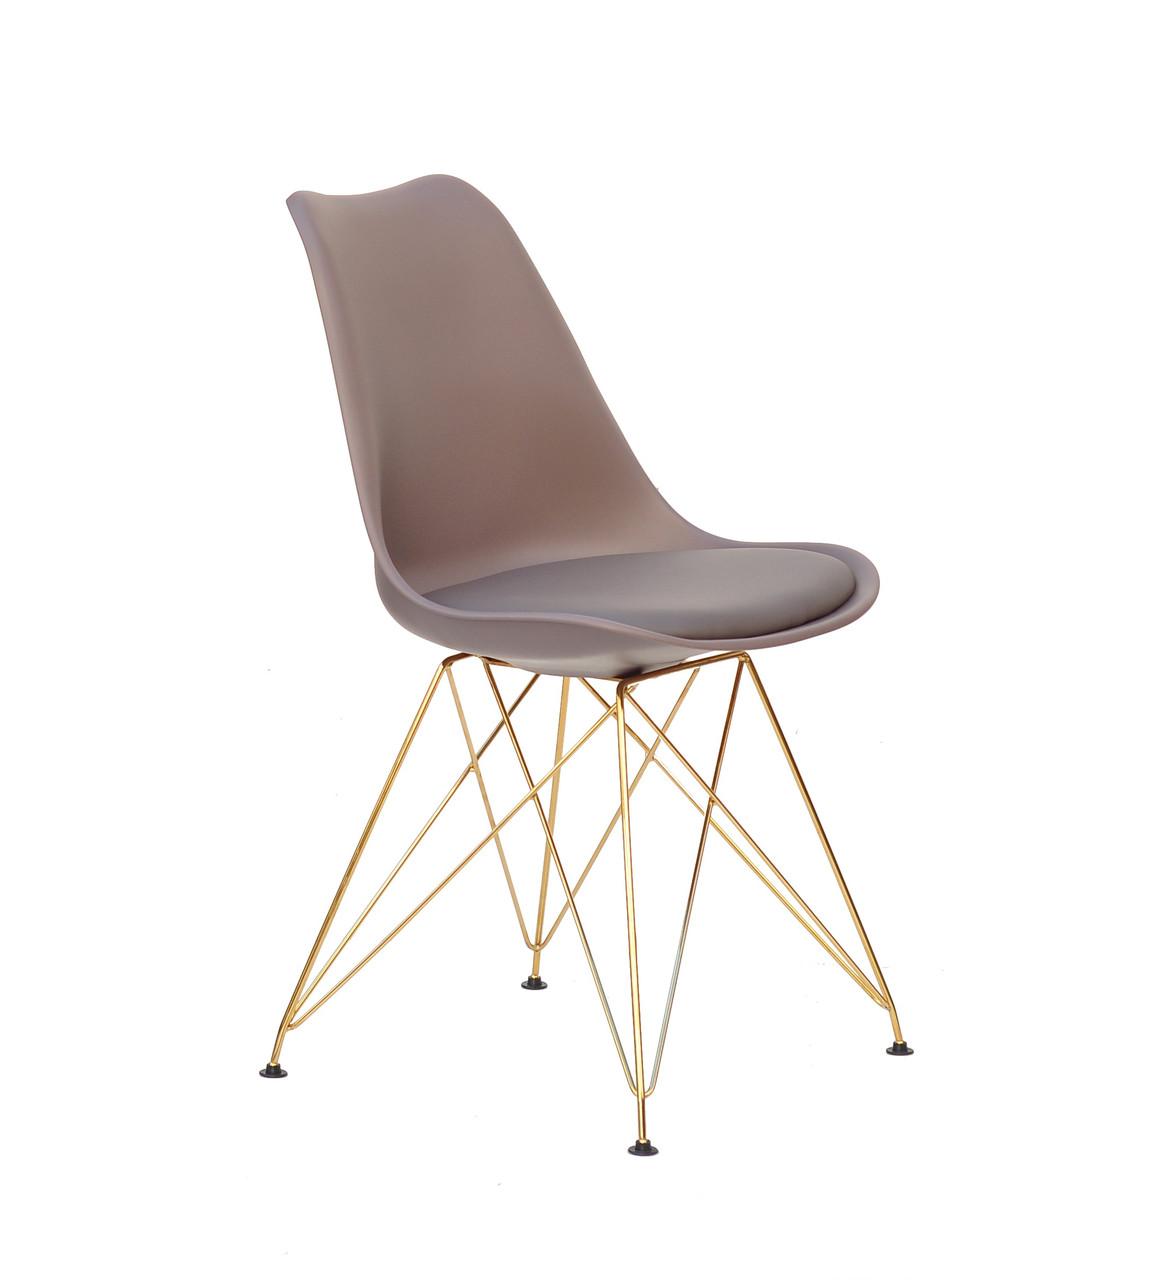 Сірий стілець з золотими ніжками з металу і суцільнолитим пластиковим сидінням з сидушкою Milan GD-ML